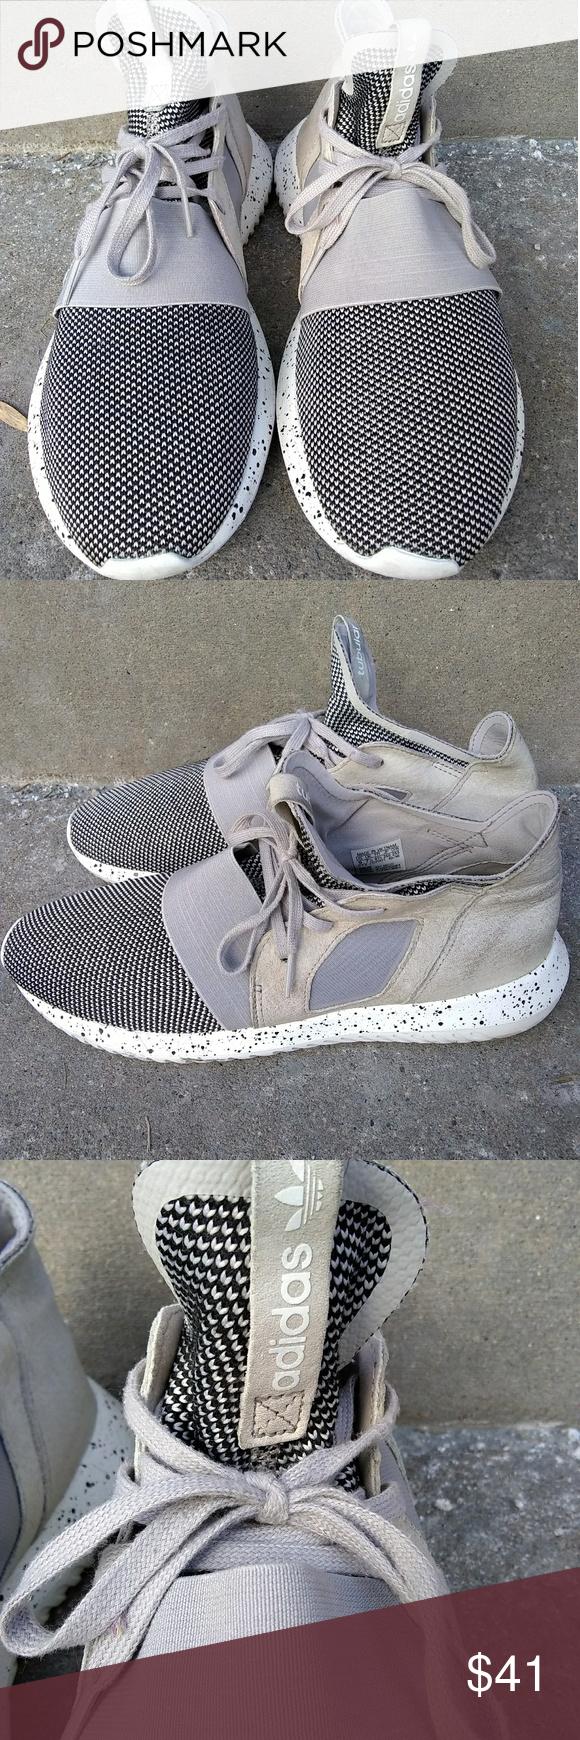 Adidas Tubular Defiant Size 9 | Grey adidas shoes, Adidas tubular ...